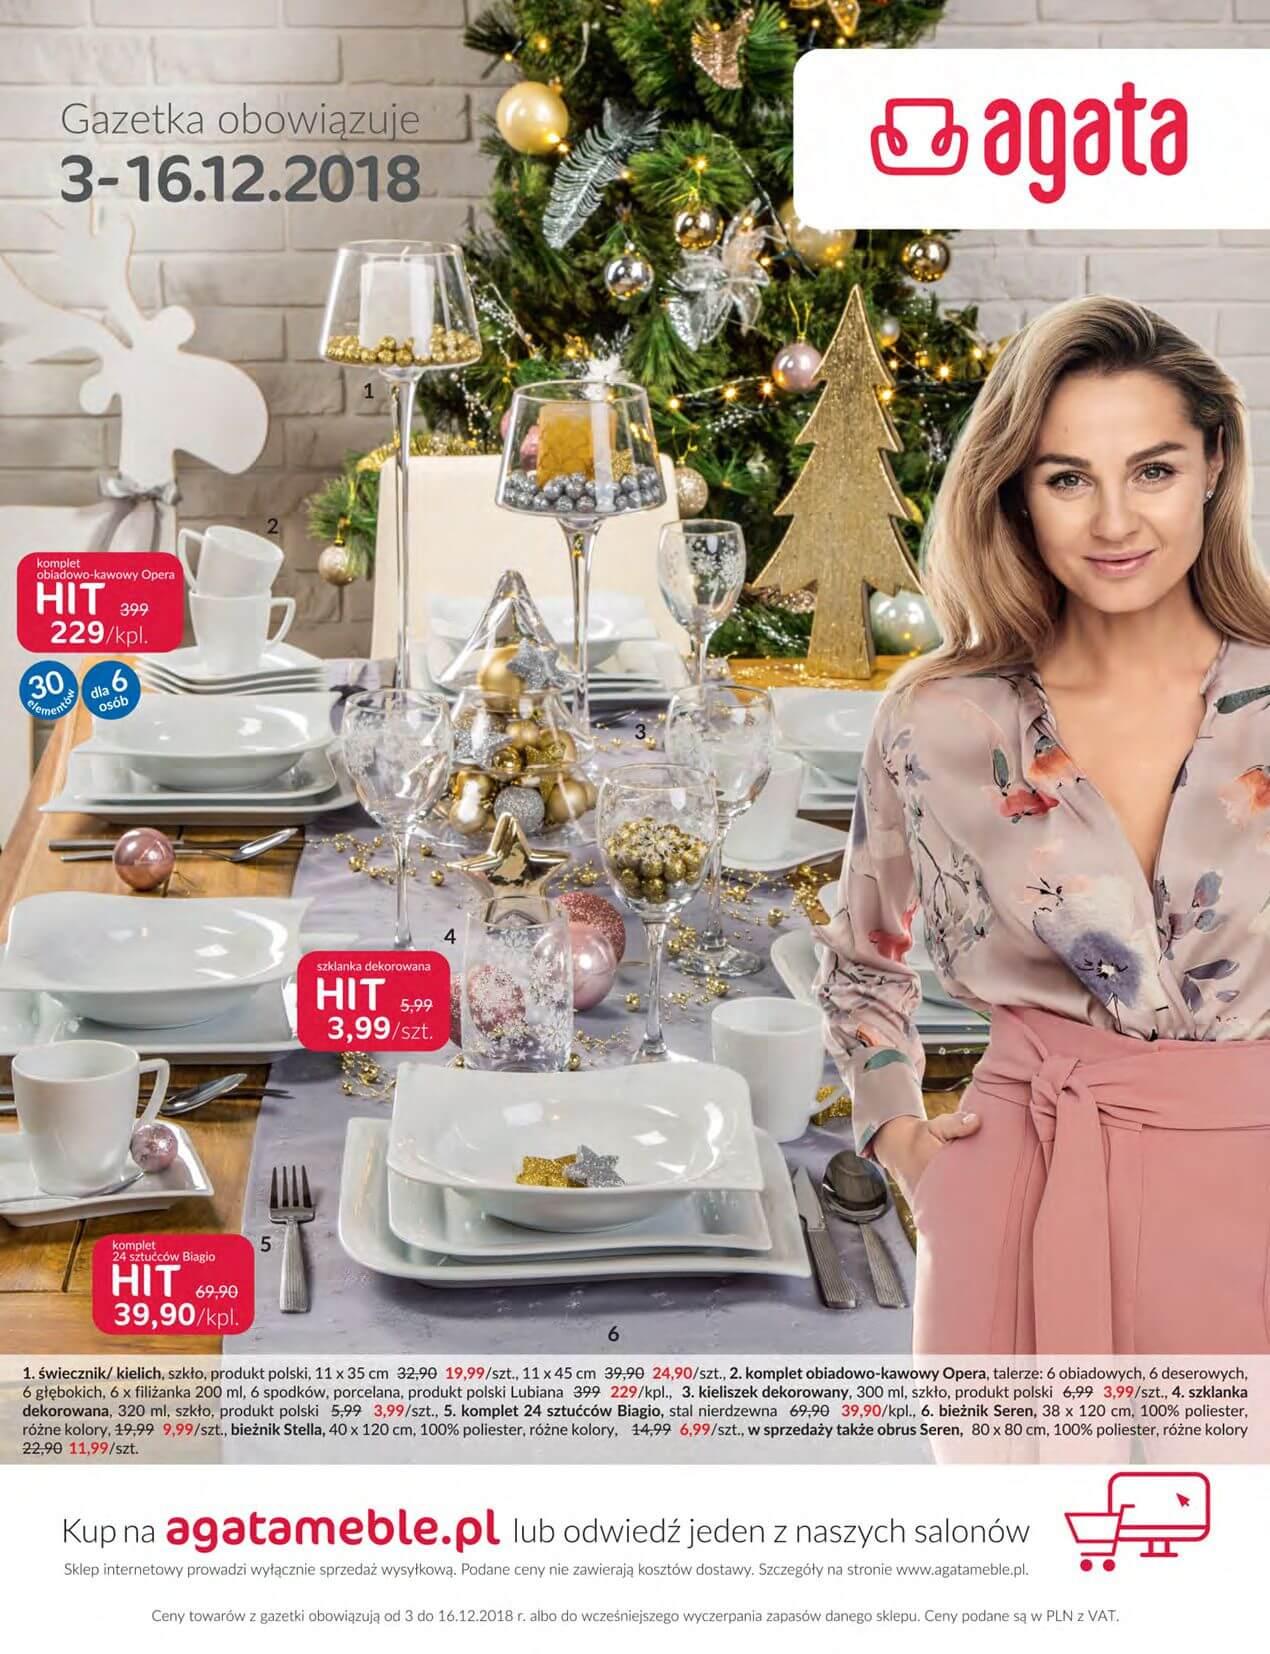 Gazetka Agata Meble - Oferta na artykuły dekoracji wnętrz-30.11.2018-16.12.2018-page-